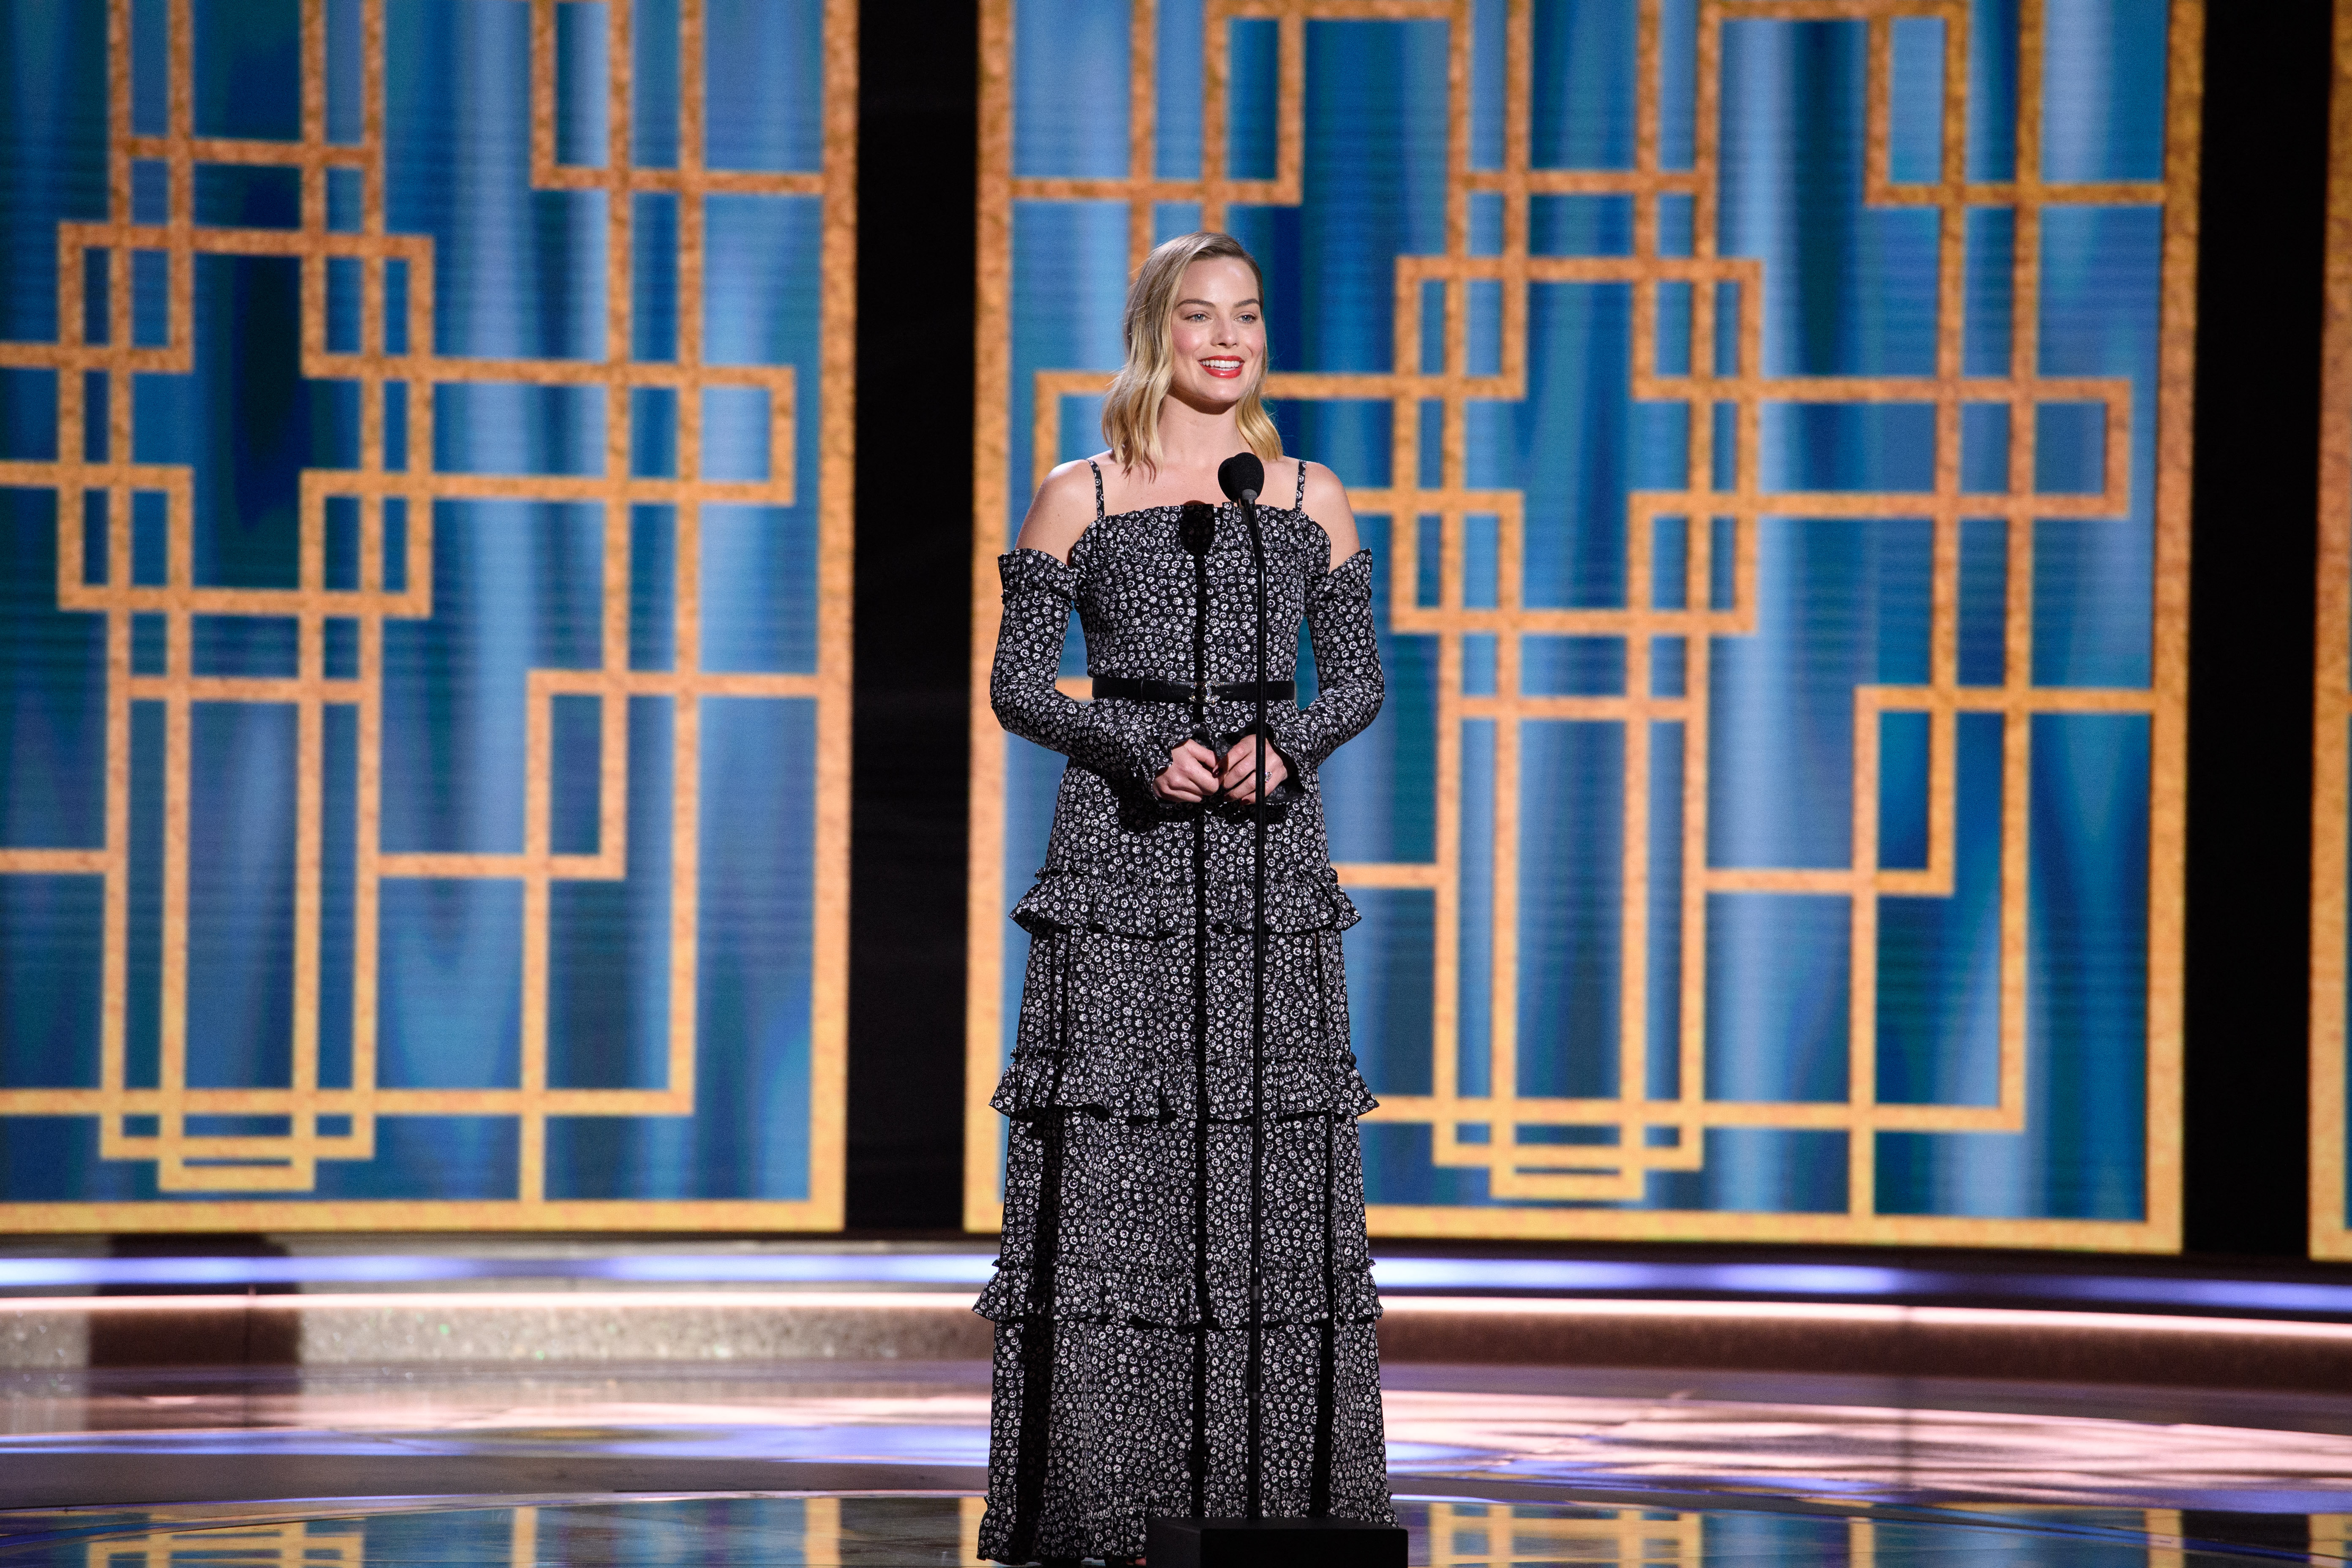 Katasztrofálisan kevesen nézték a Golden Globe-gálát